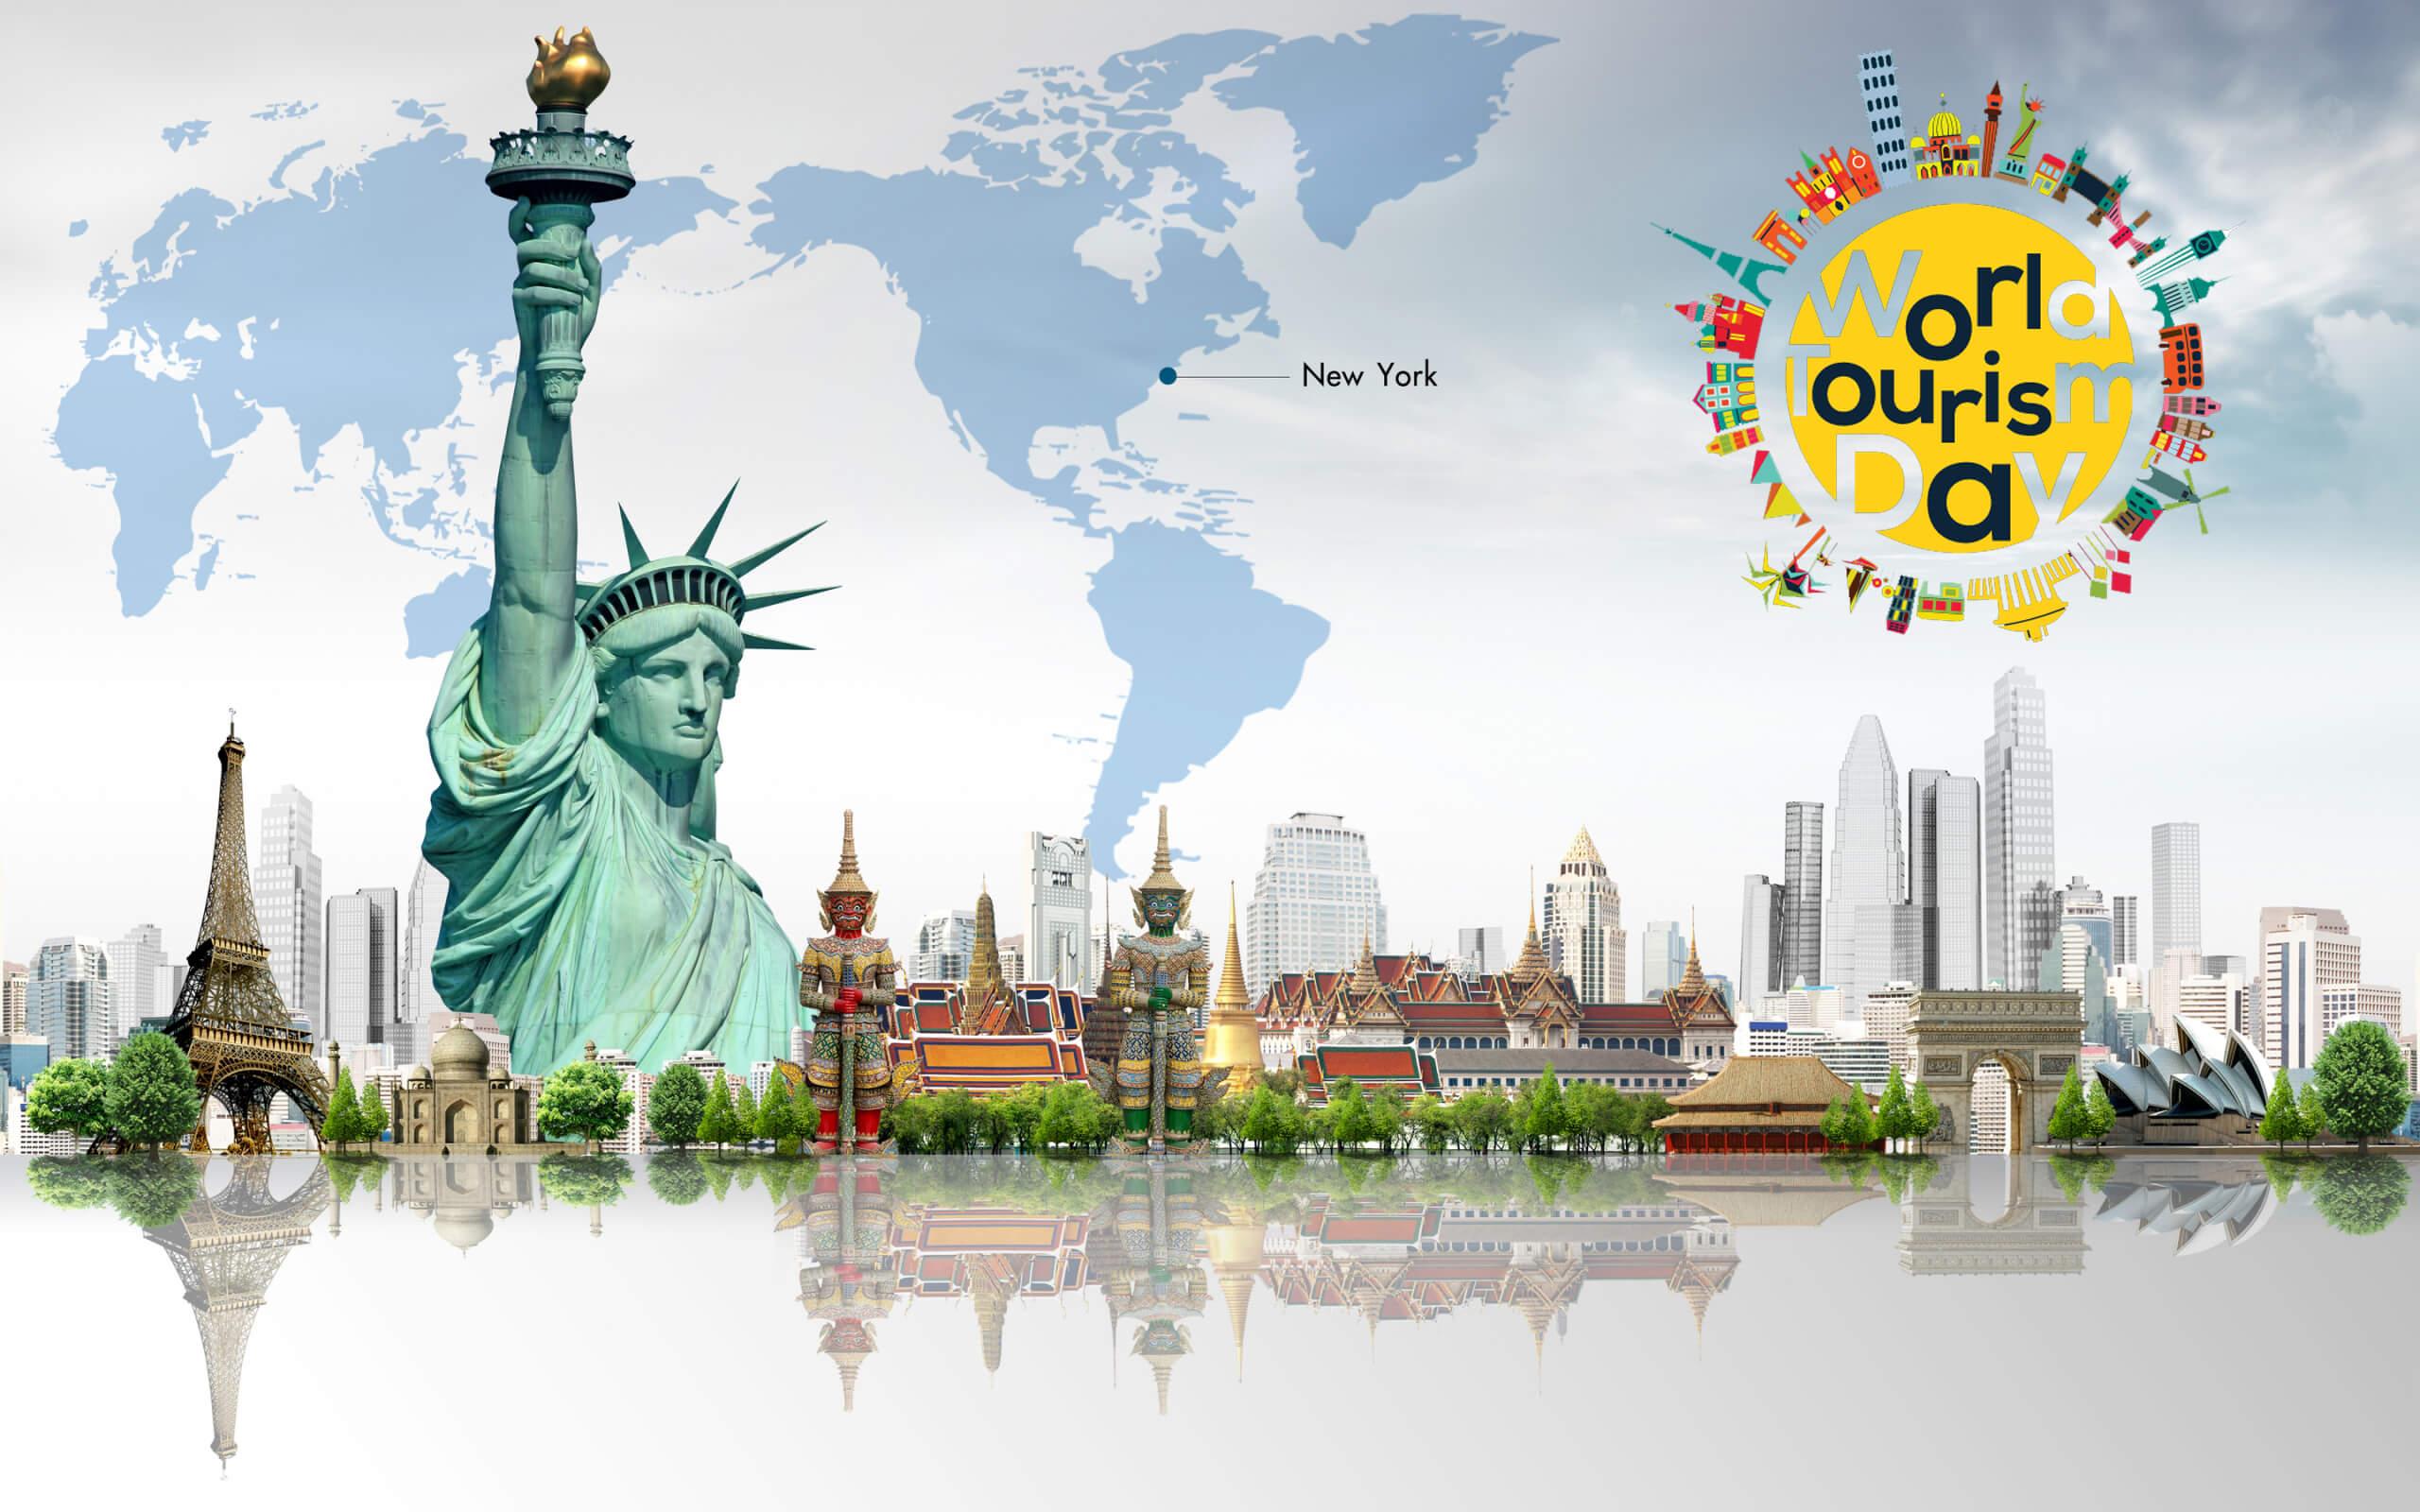 world tourism day 27 september hd wallpaper